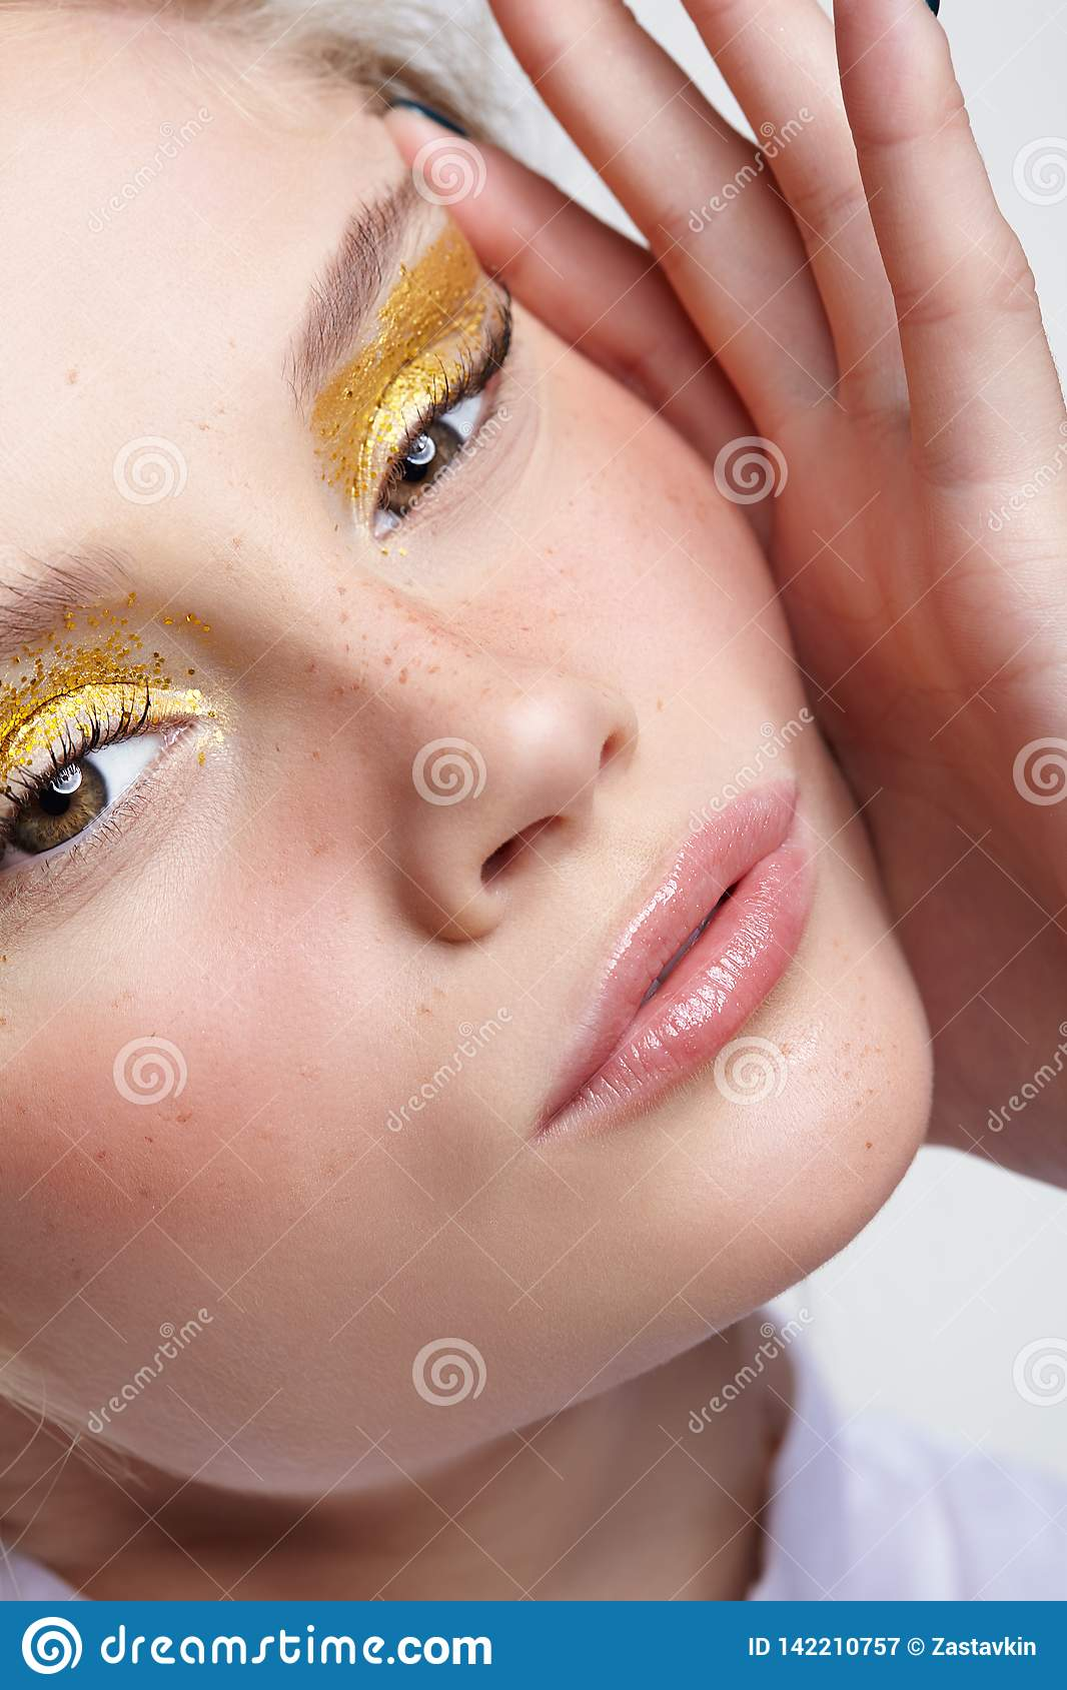 Emotionales Porträt jungen Blondine drückt Gesichtshaut zusammen